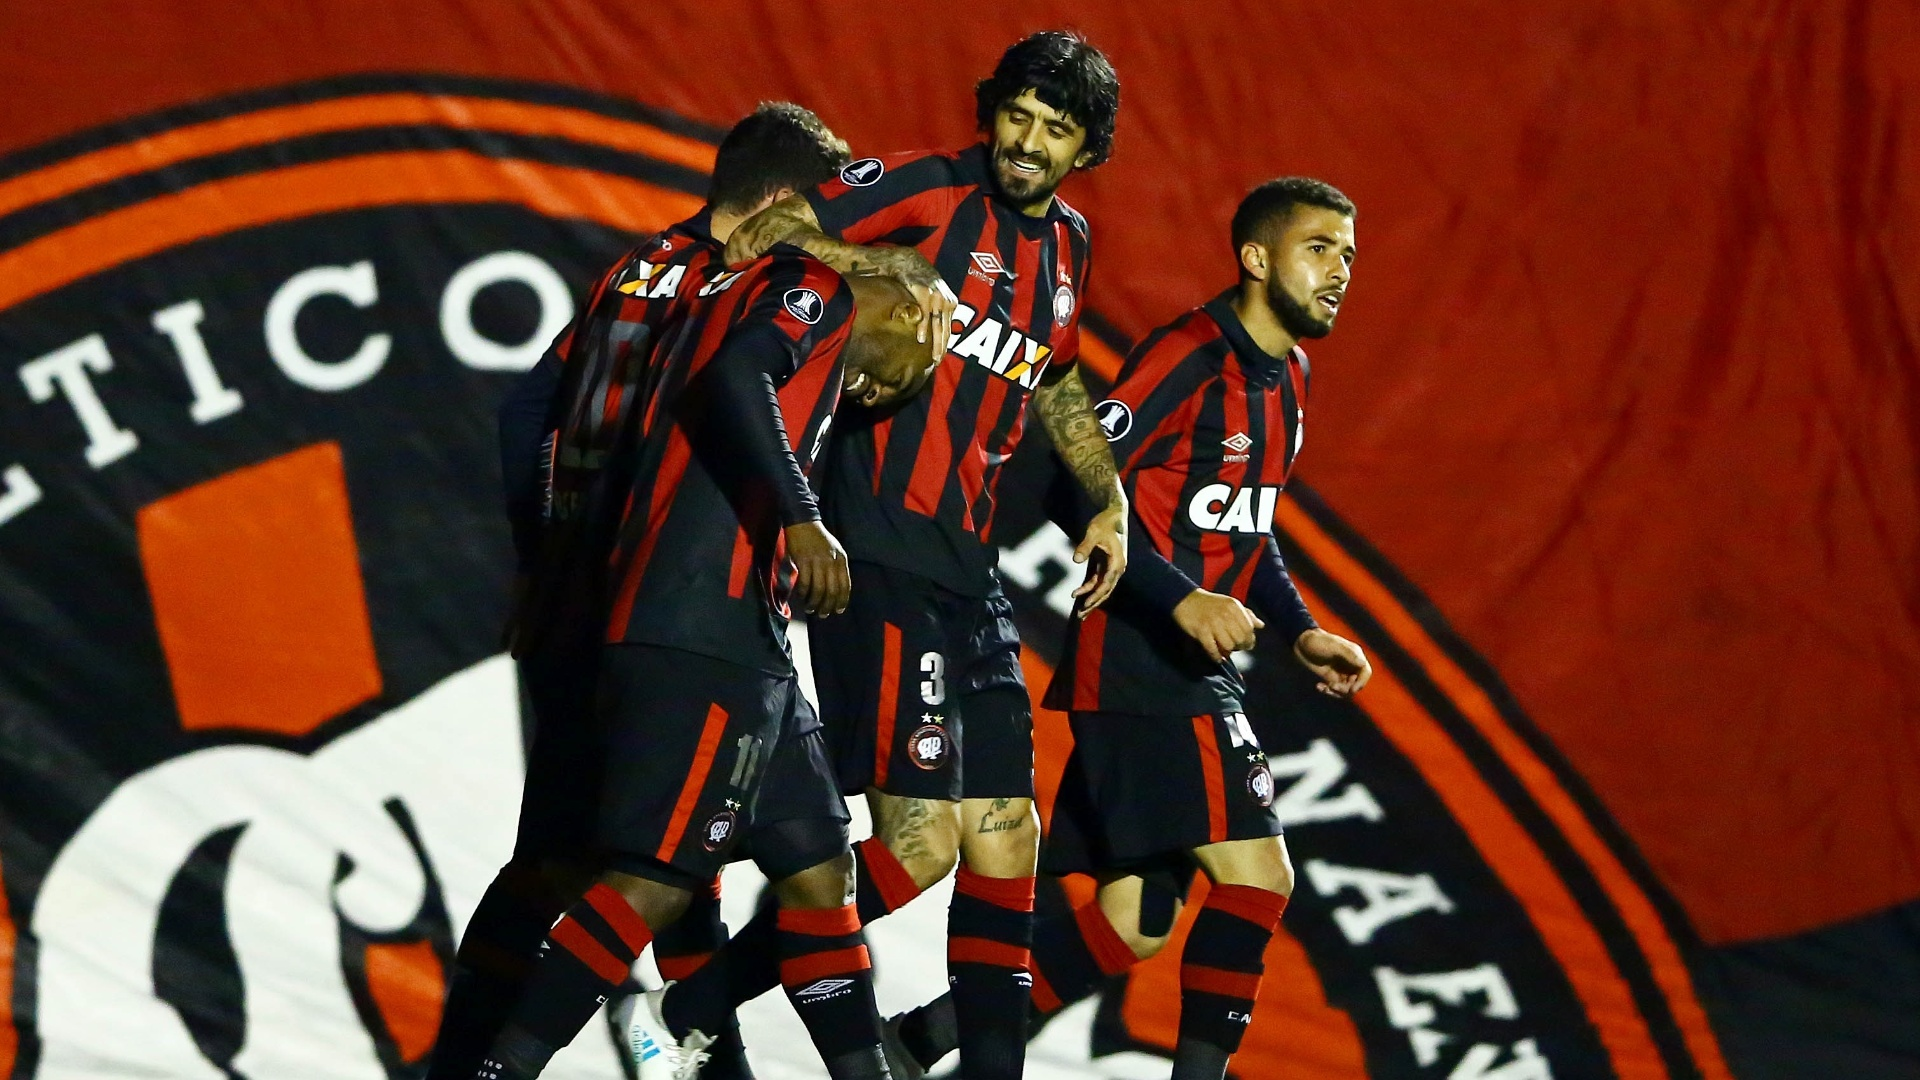 Jogadores do Atlético-PR comemoram gol de Nikão diante do Santos em jogo na Vila Capanema pelas oitavas de final da Libertadores 2017